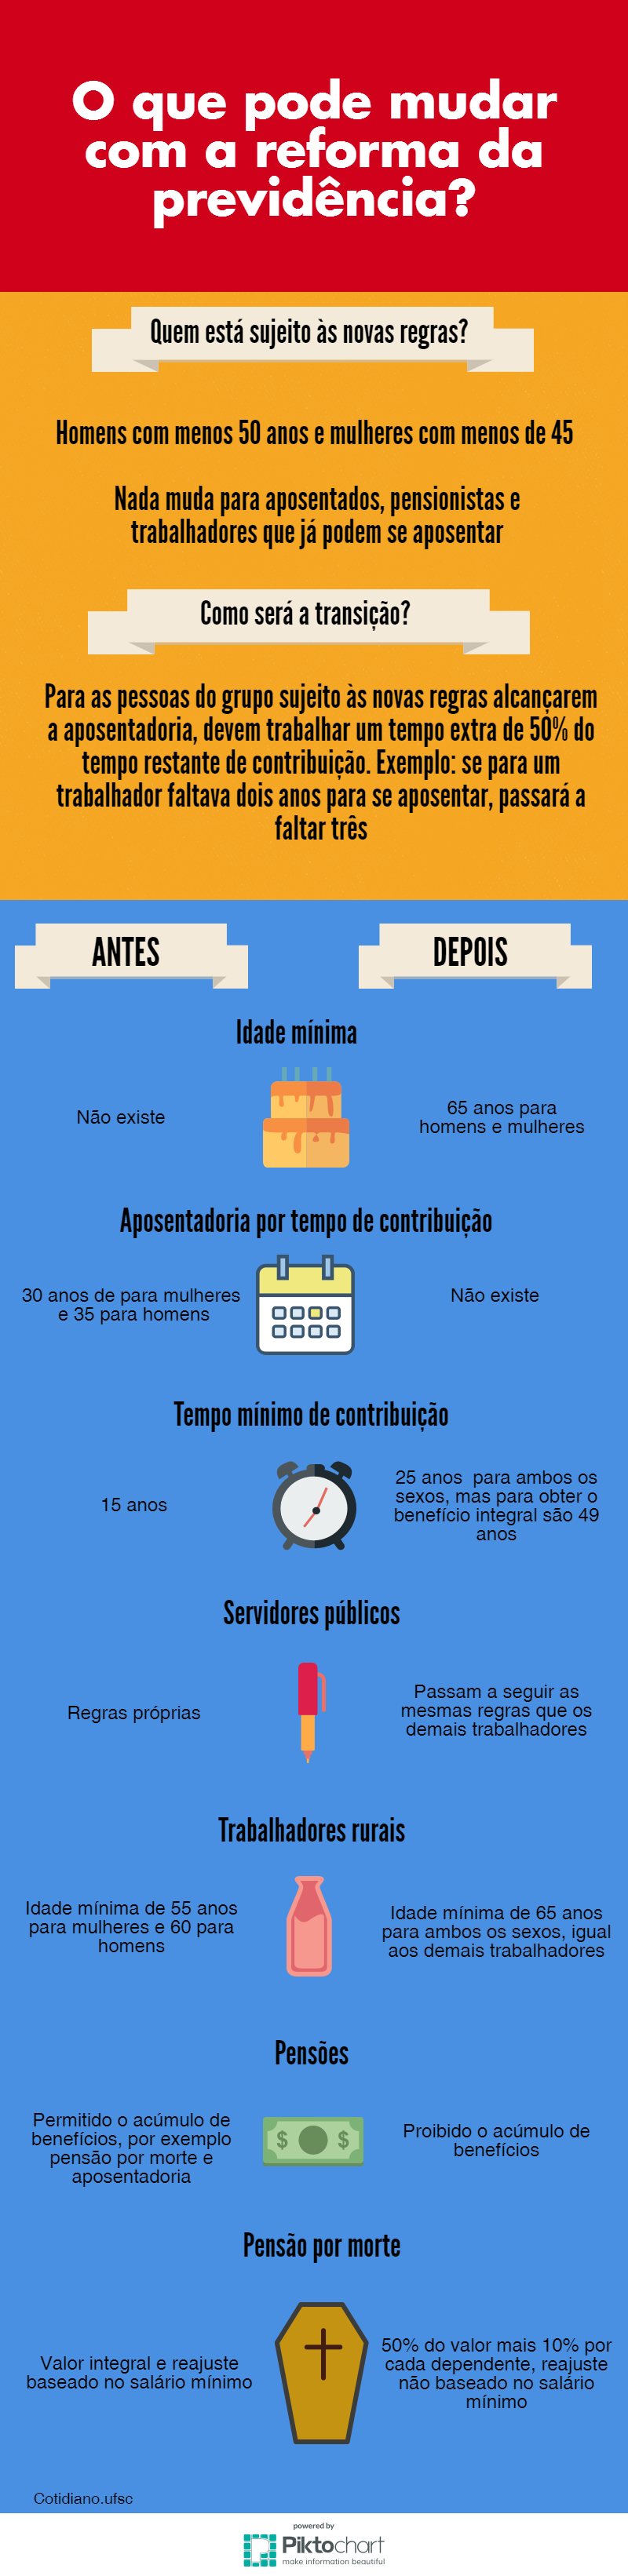 infográfico aposentadoria